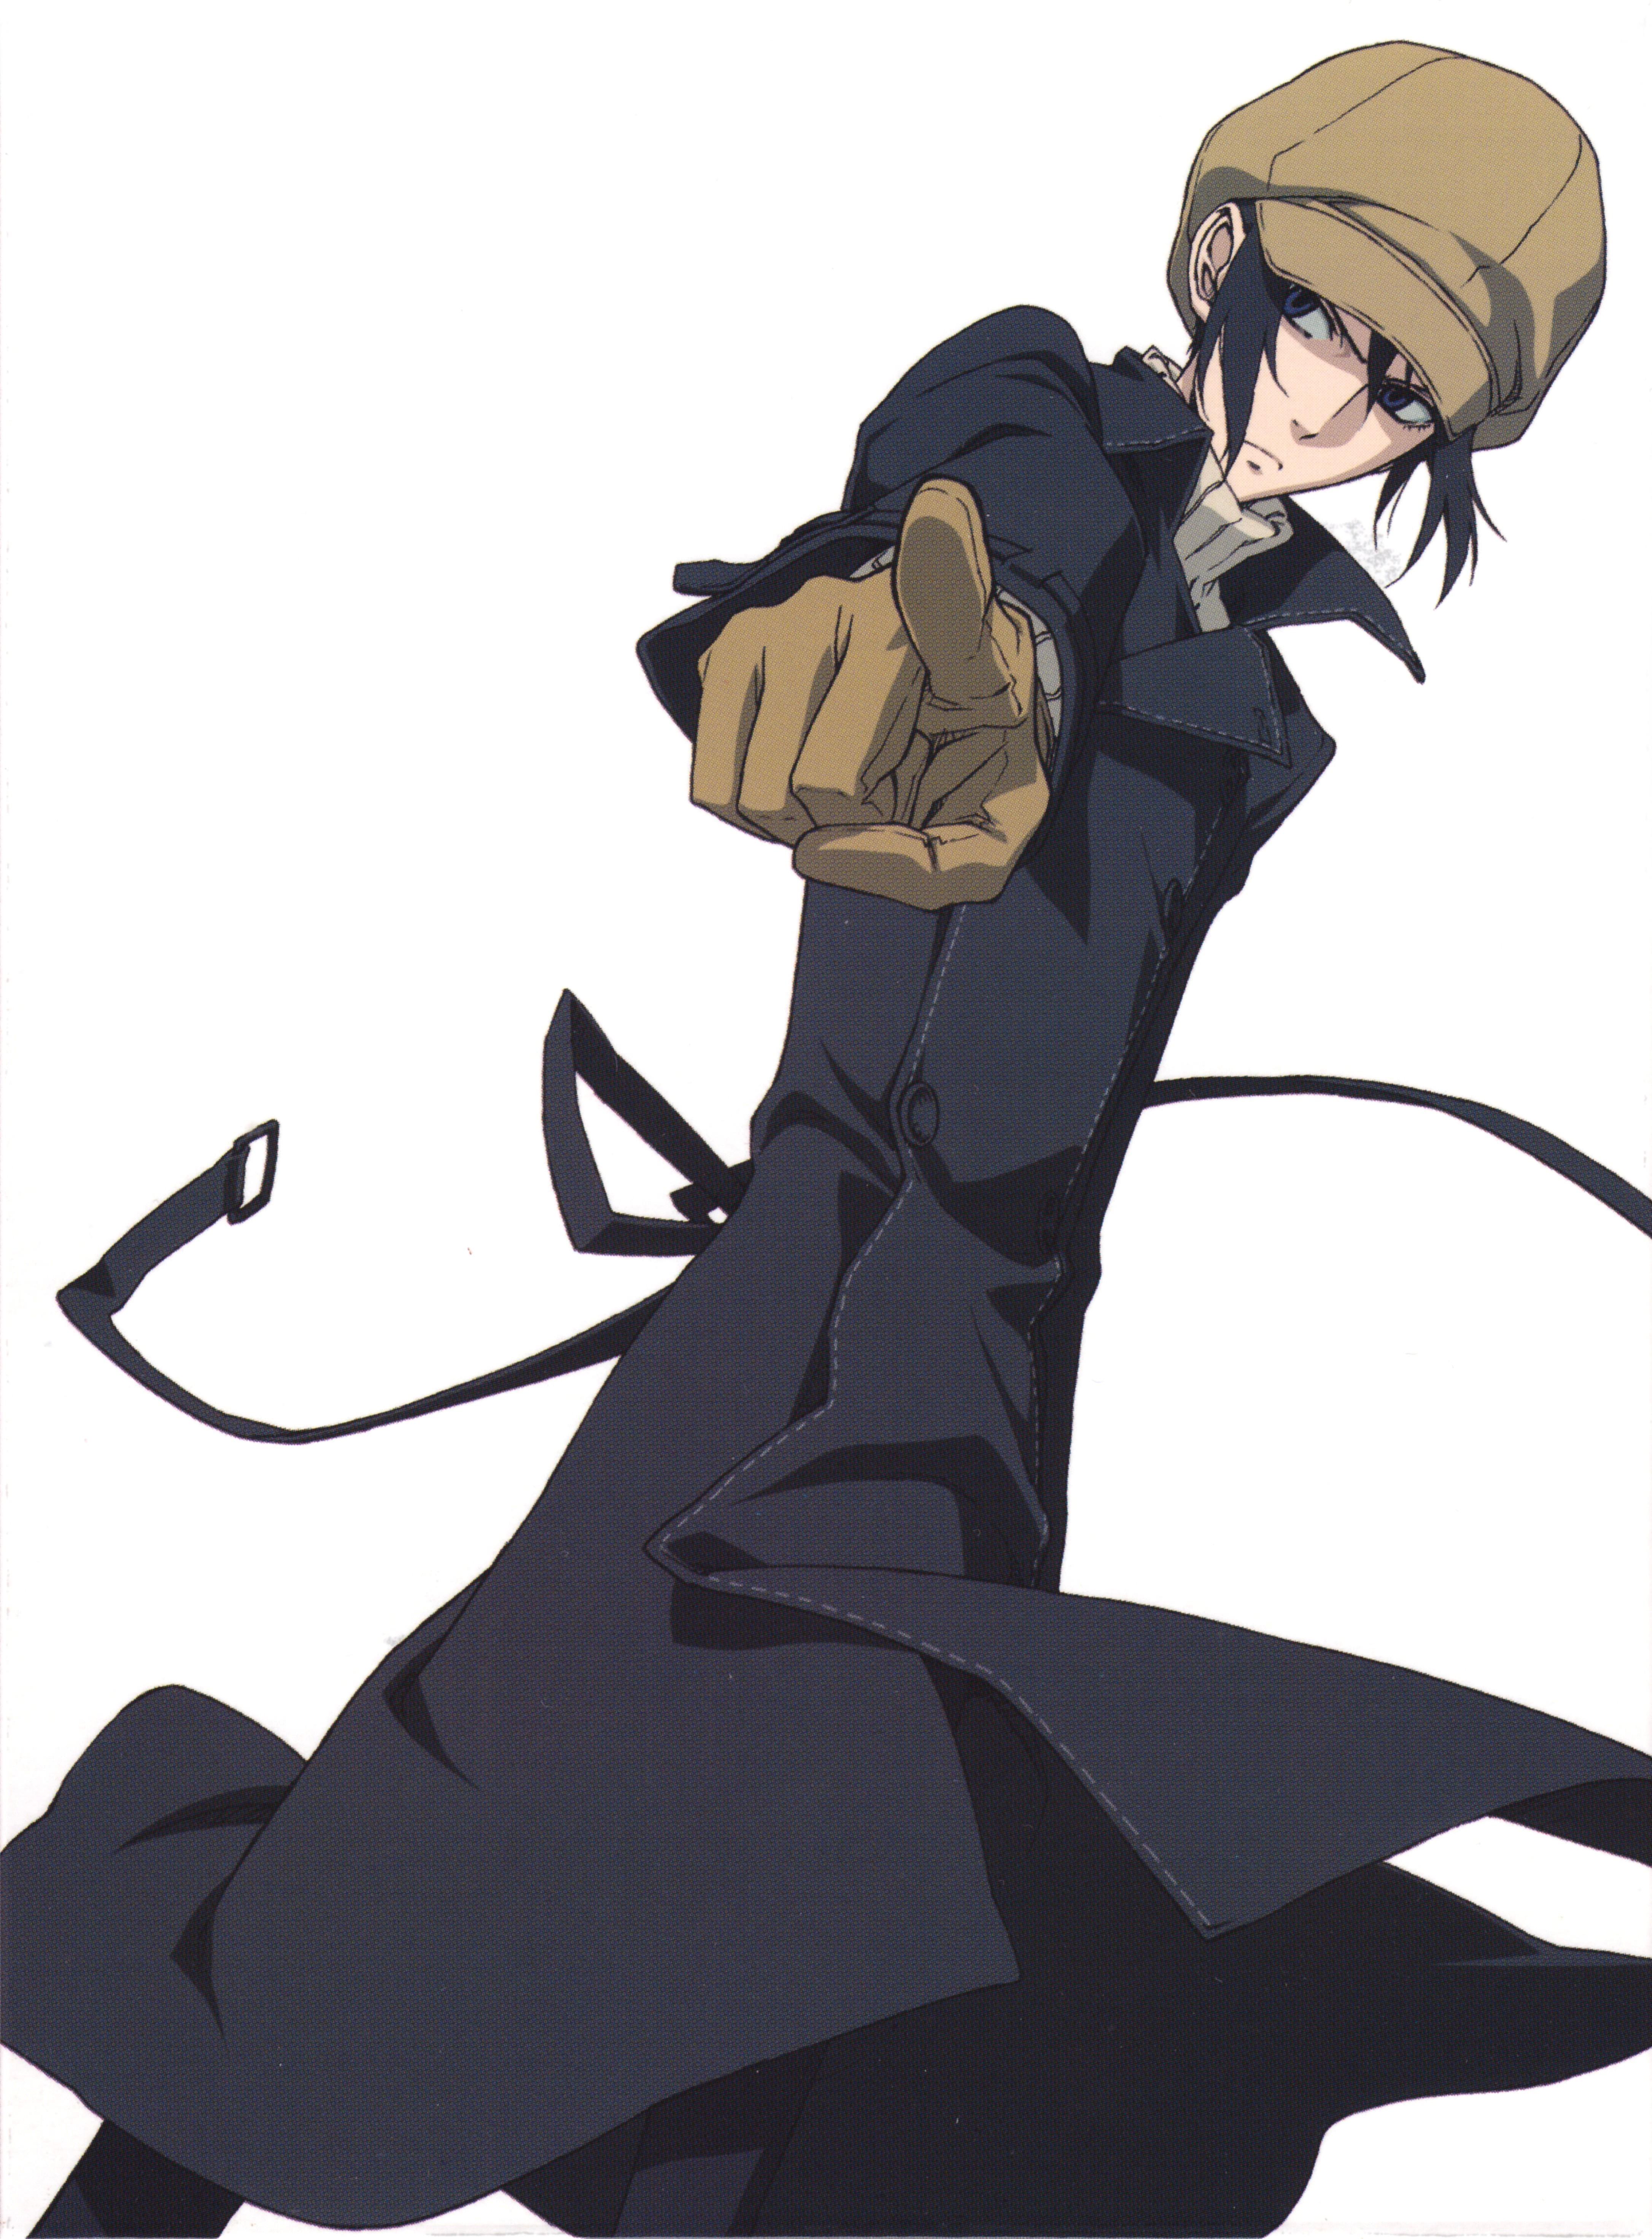 Yoite - Nabari no Ou - Image #73089 - Zerochan Anime Image ... Nabari No Ou Yoite